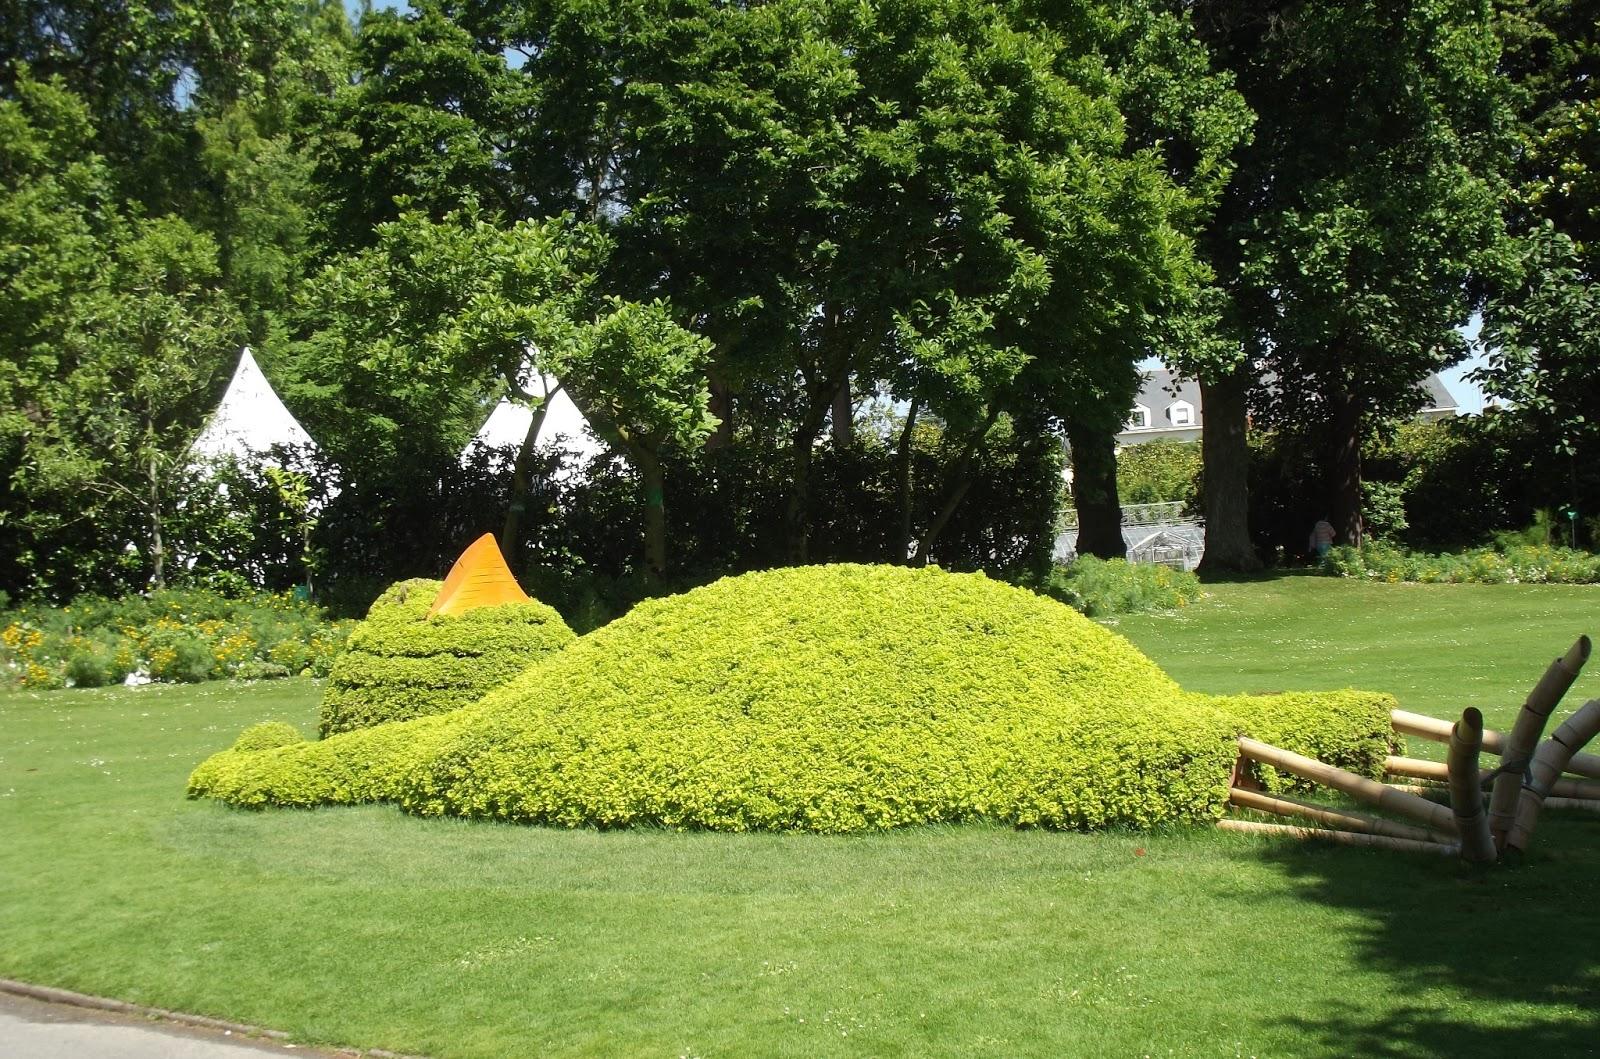 Le voyage nantes 2013 1 le jardins des plantes bull for Jardin des plantes nantes